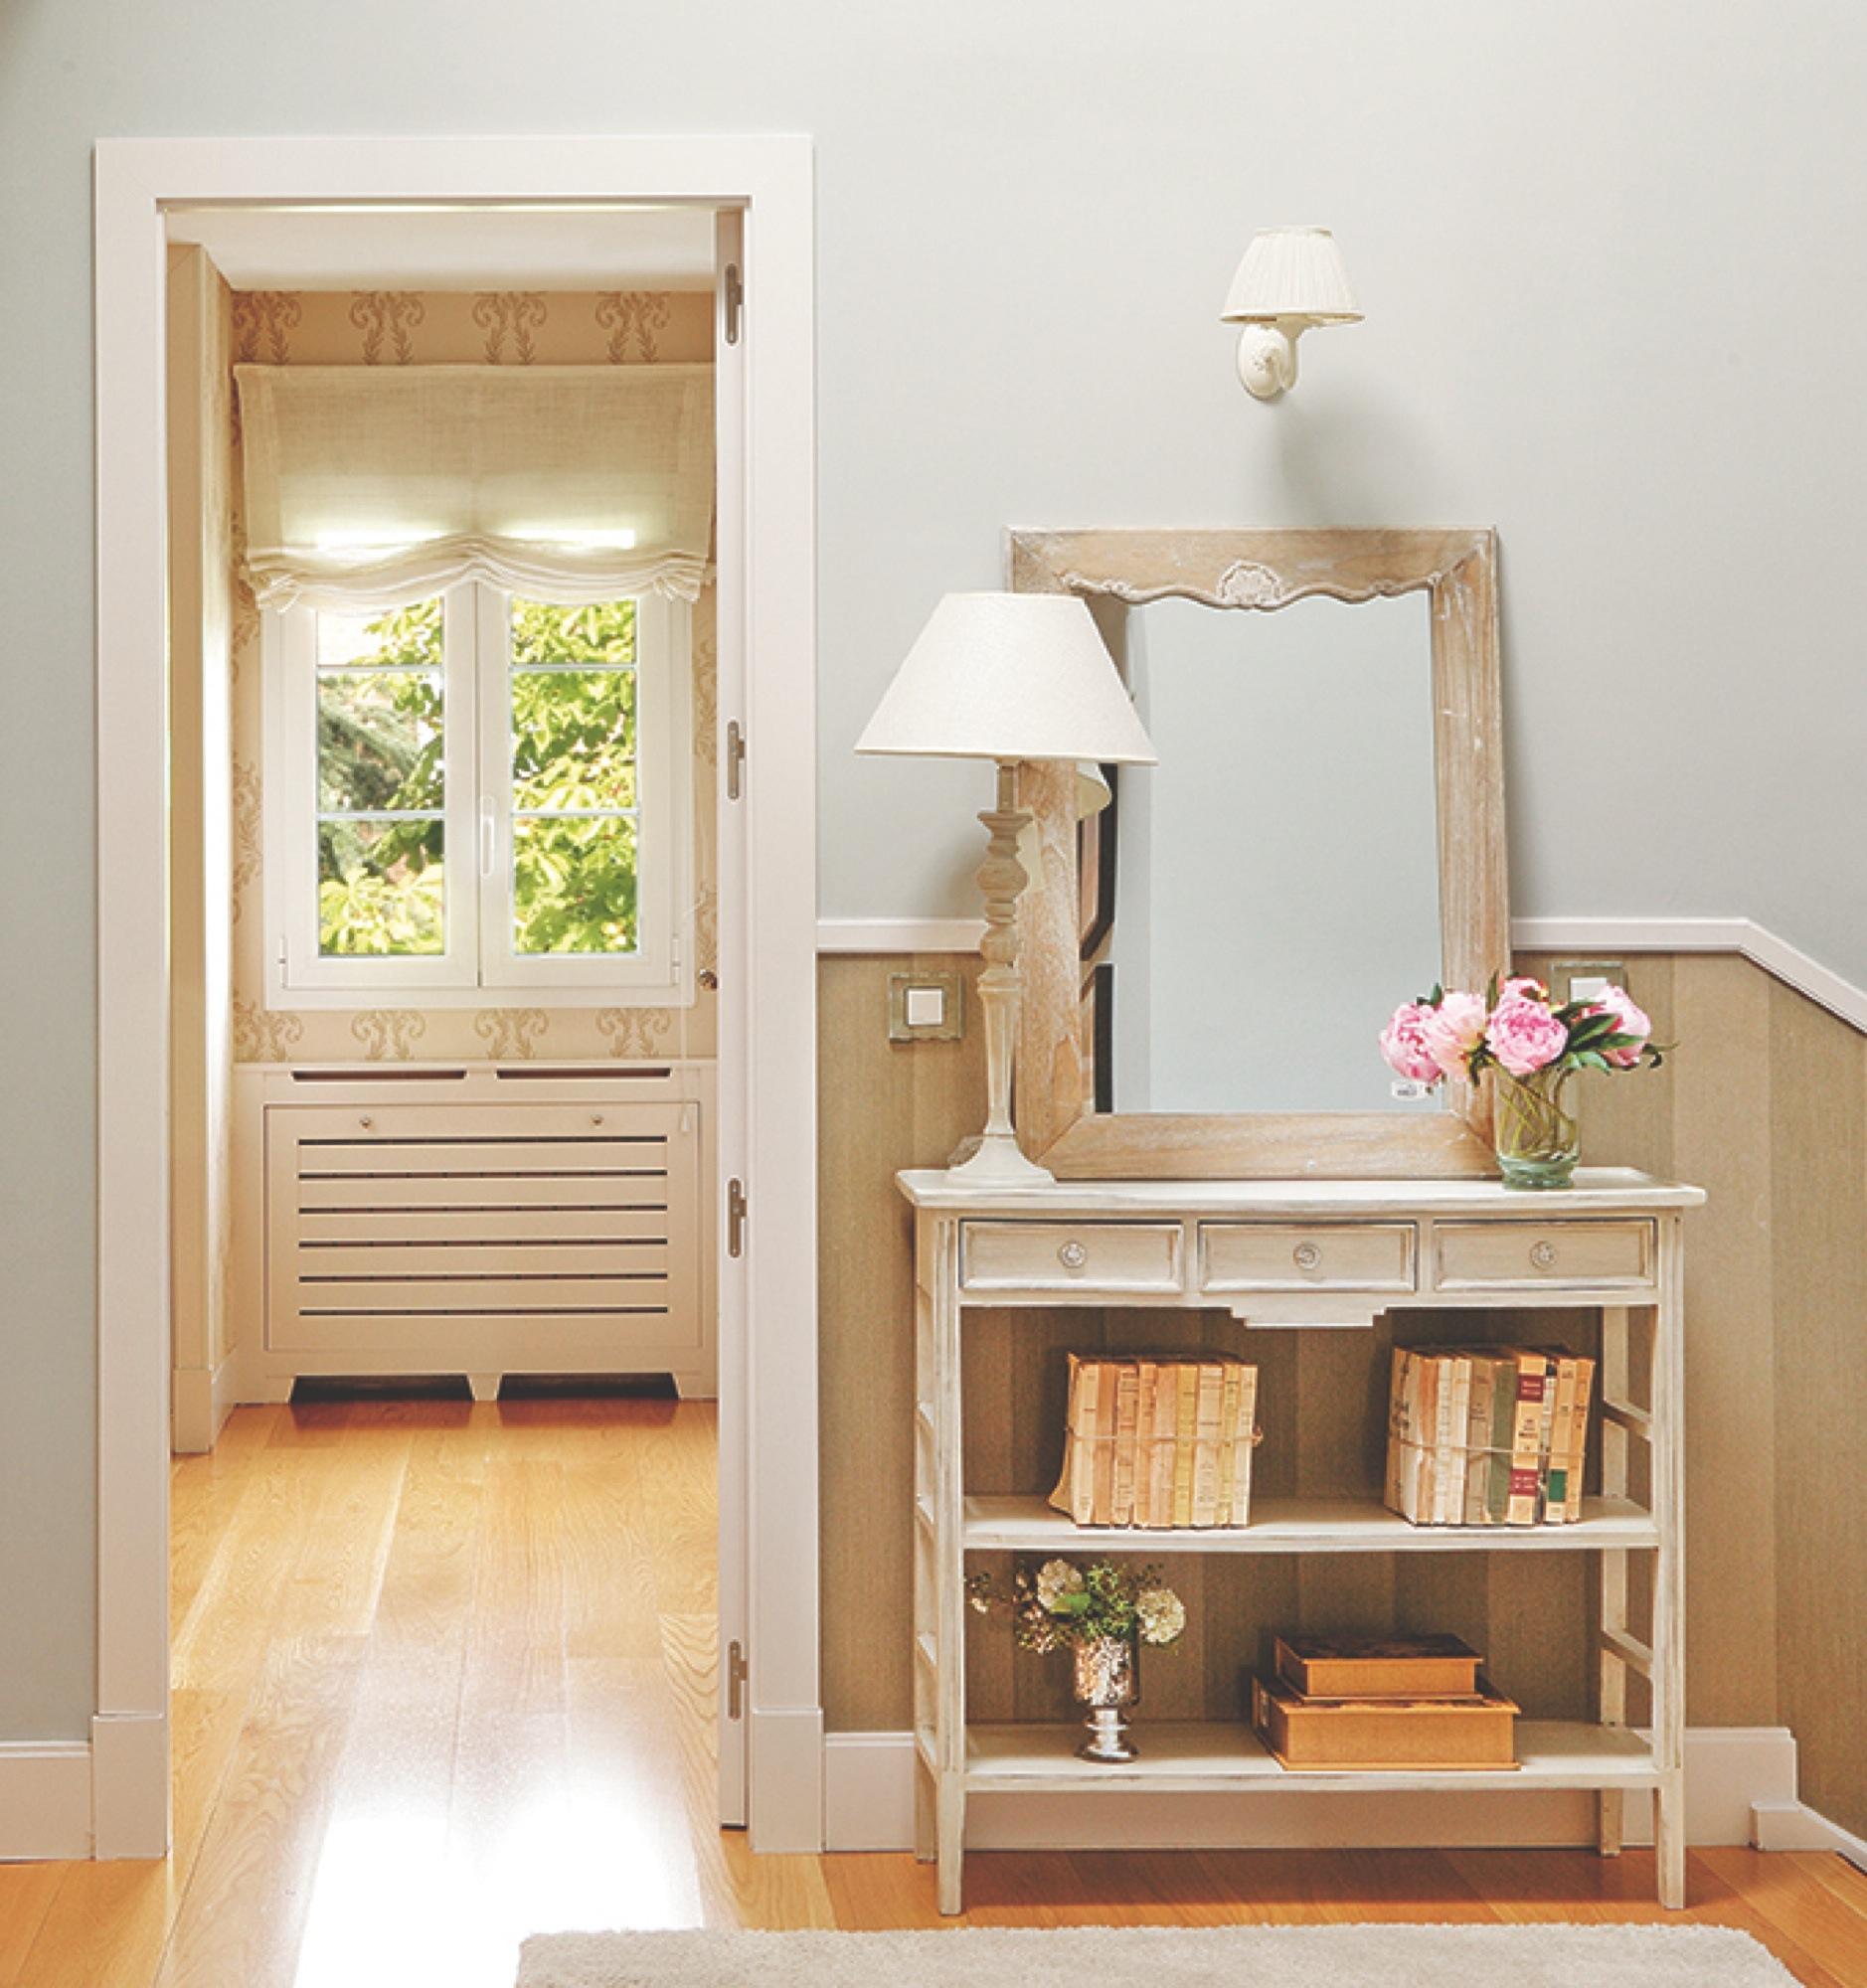 Pasillos todo sobre la decoraci n de pasillos con encanto for Espejos decorativos para pasillos